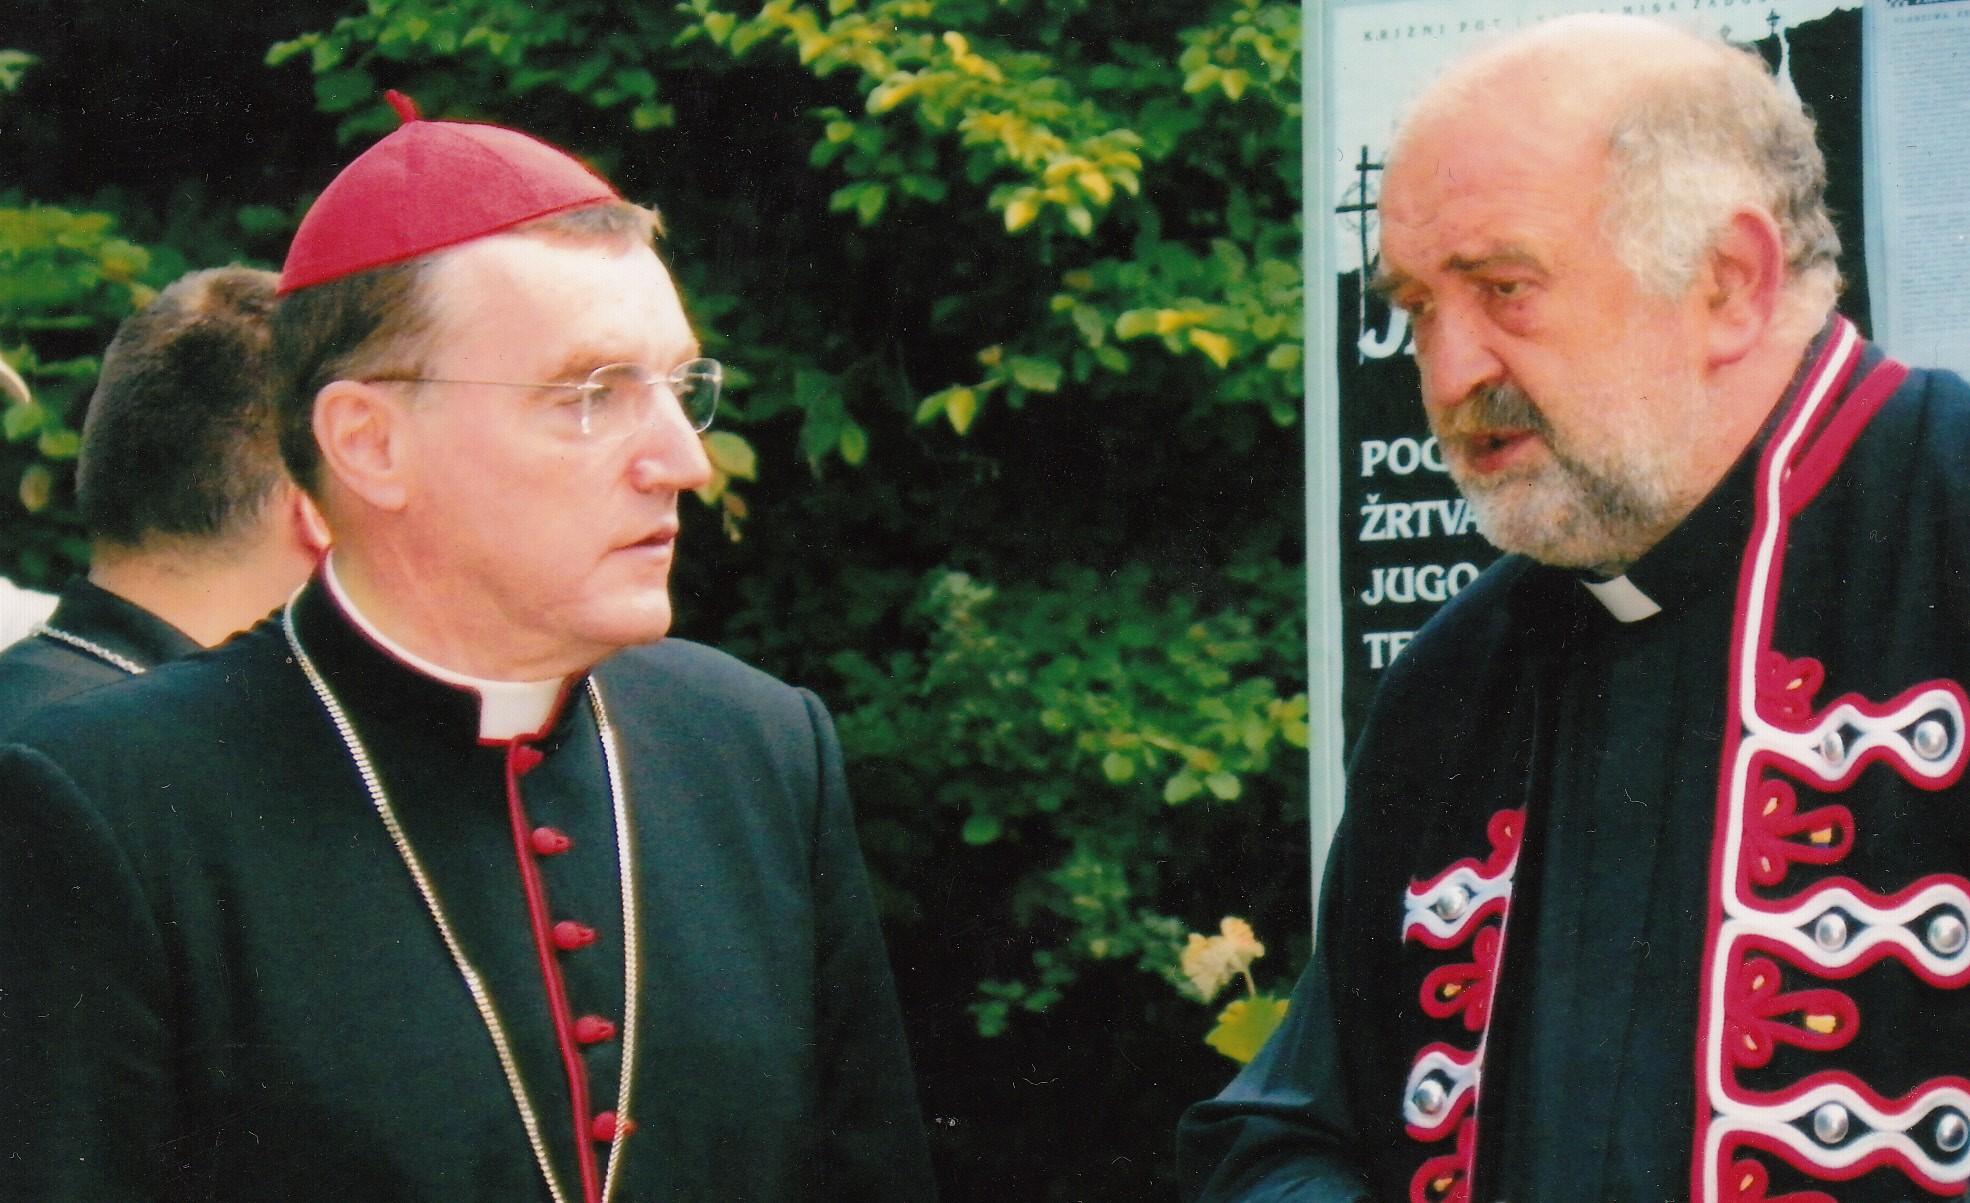 Svećenici Vikarijata očekuju dolazak kardinala Josipa Bozanića